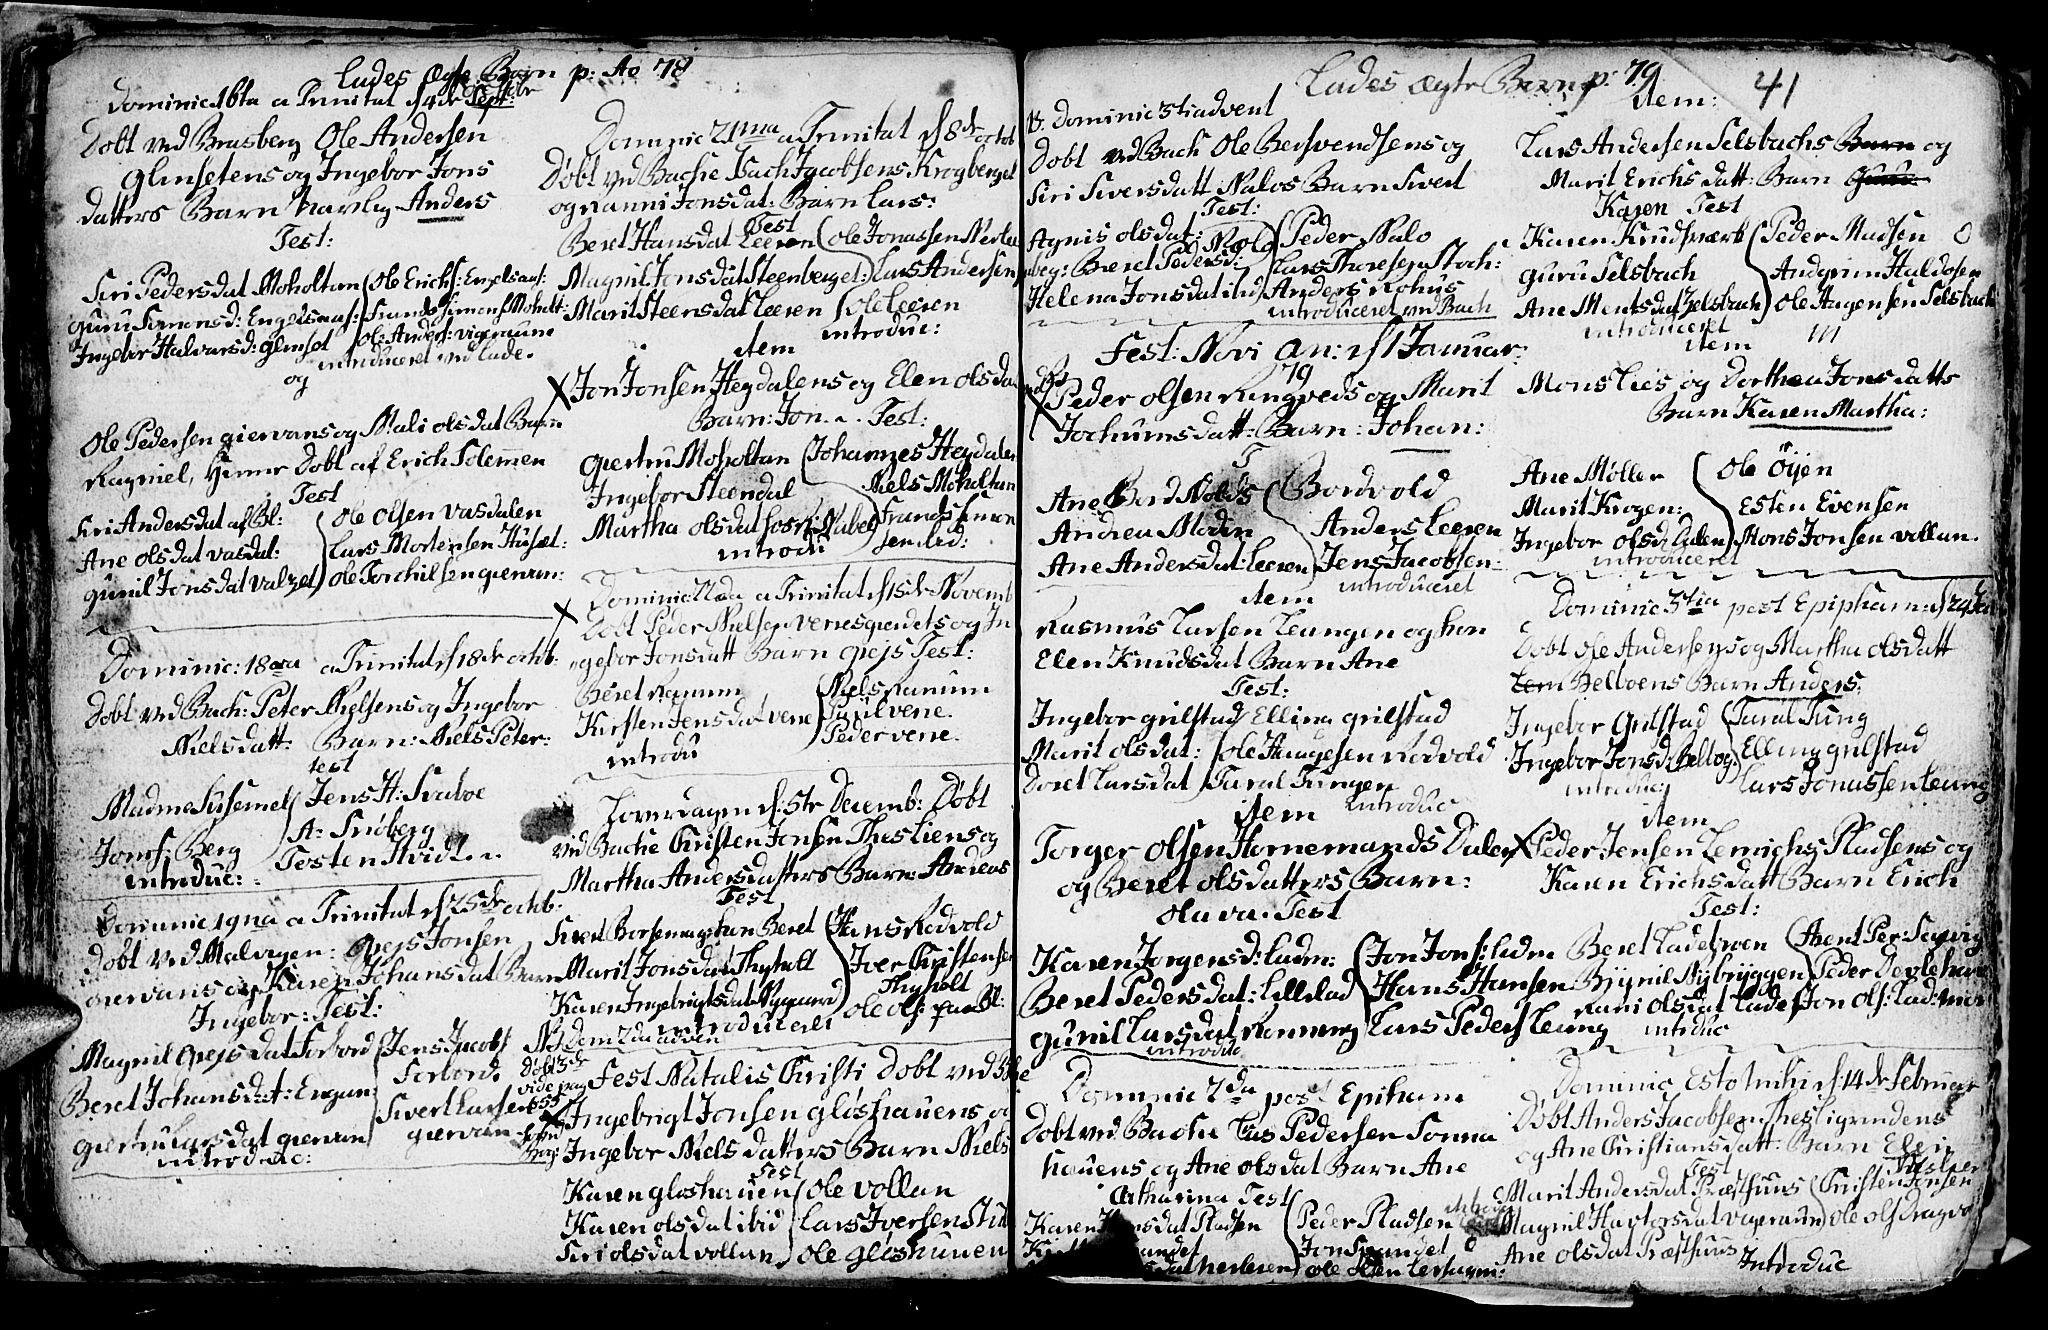 SAT, Ministerialprotokoller, klokkerbøker og fødselsregistre - Sør-Trøndelag, 606/L0305: Klokkerbok nr. 606C01, 1757-1819, s. 41